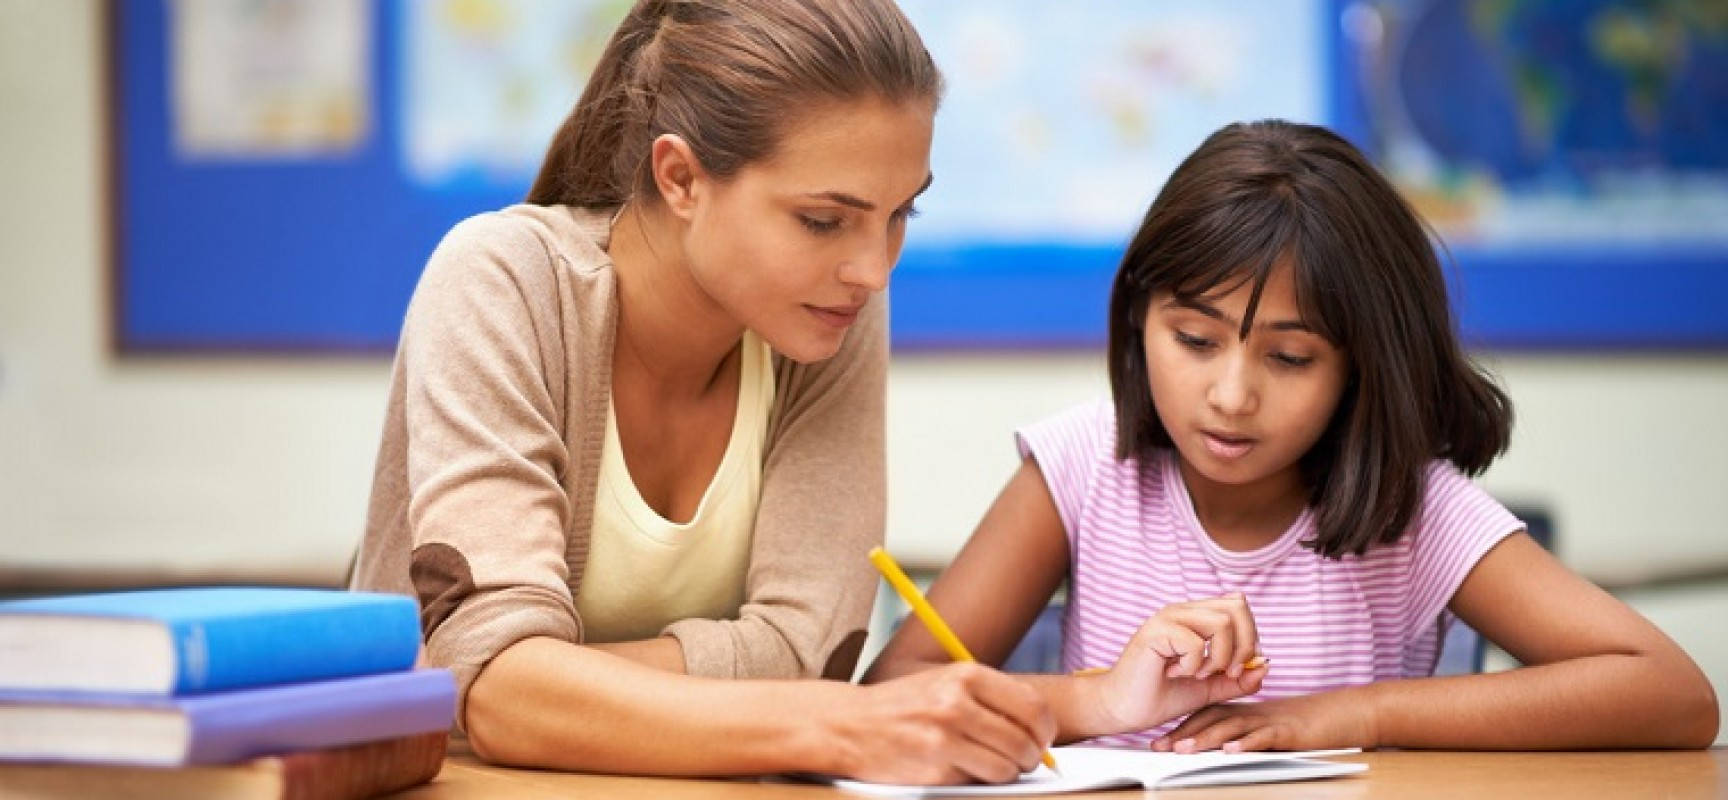 Four Reasons to Study Applied Behavior Analysis